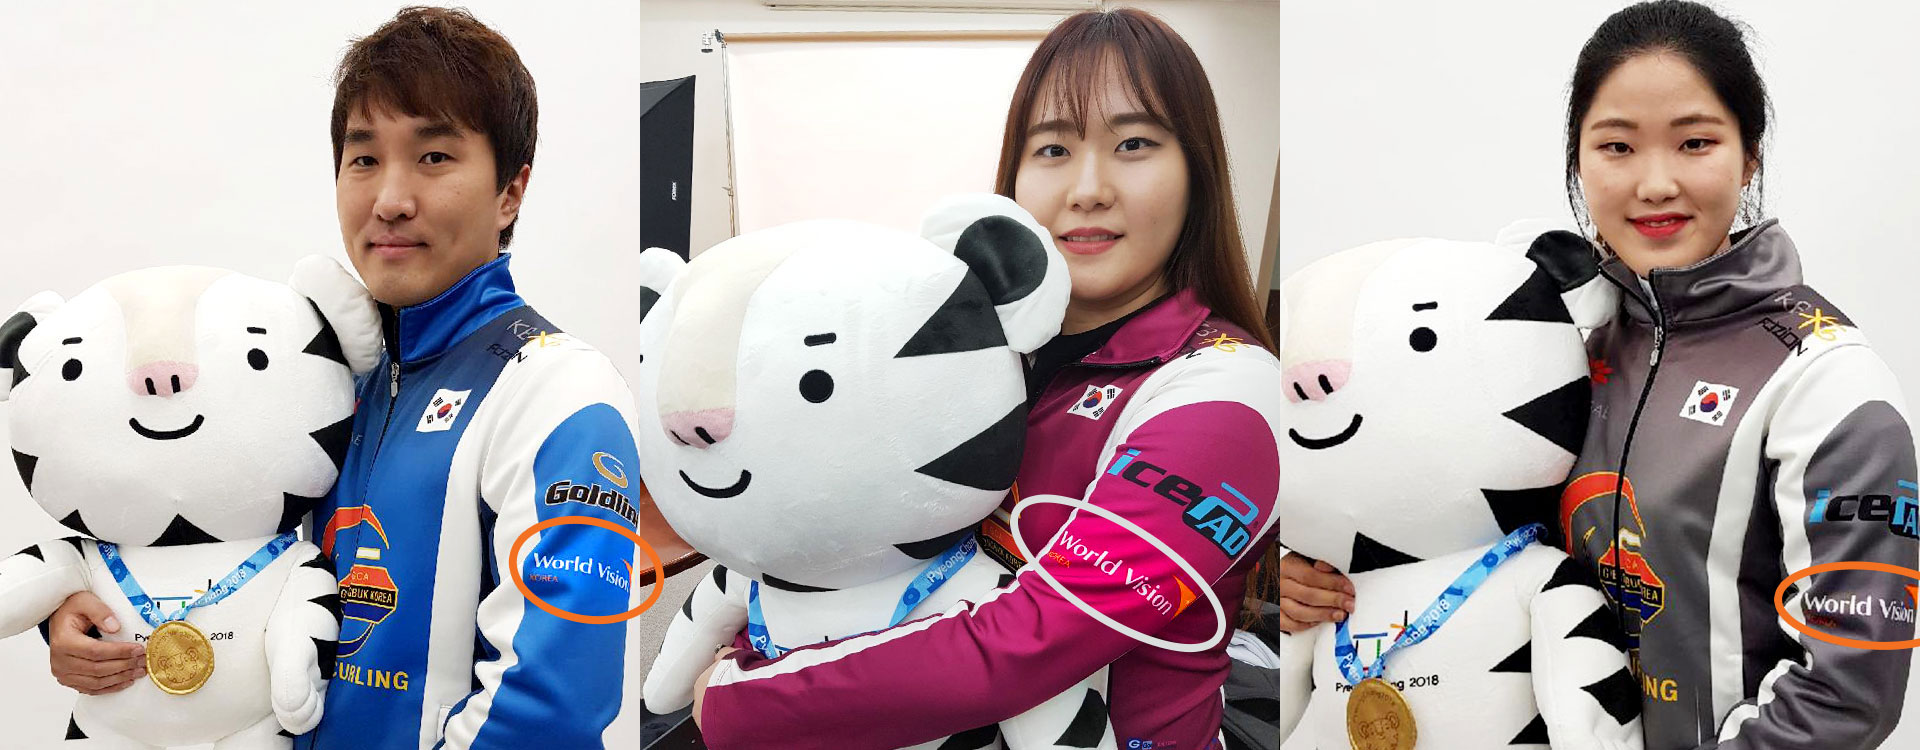 출처 : 경북컬링팀, 동계유니폼을 입은 경북컬링팀 선수들